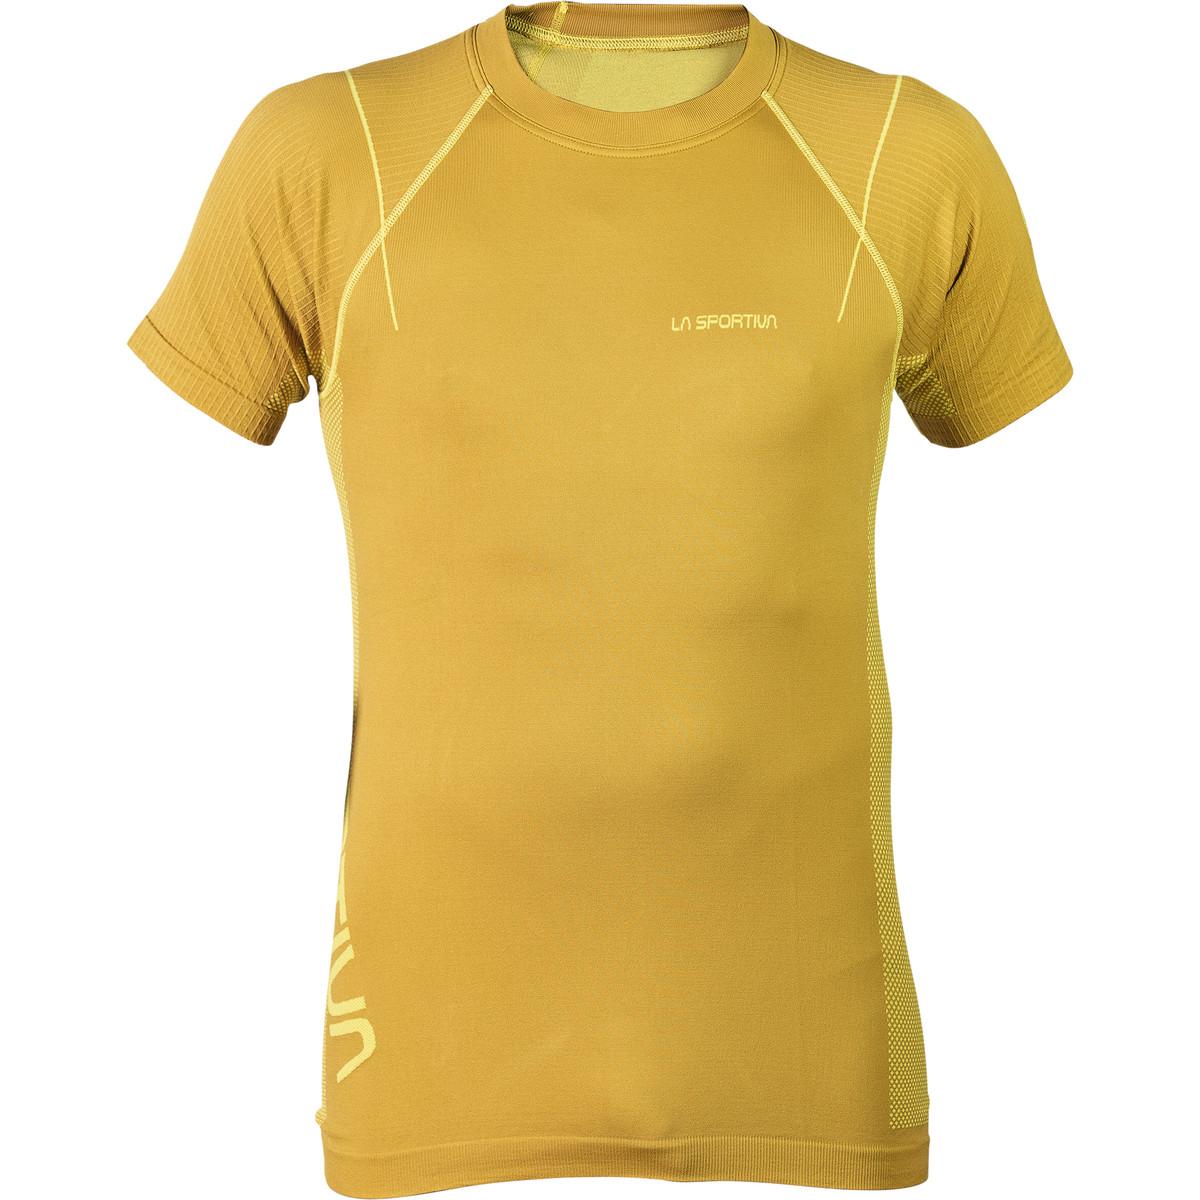 La Sportiva Kuma 2.0 T-Shirt